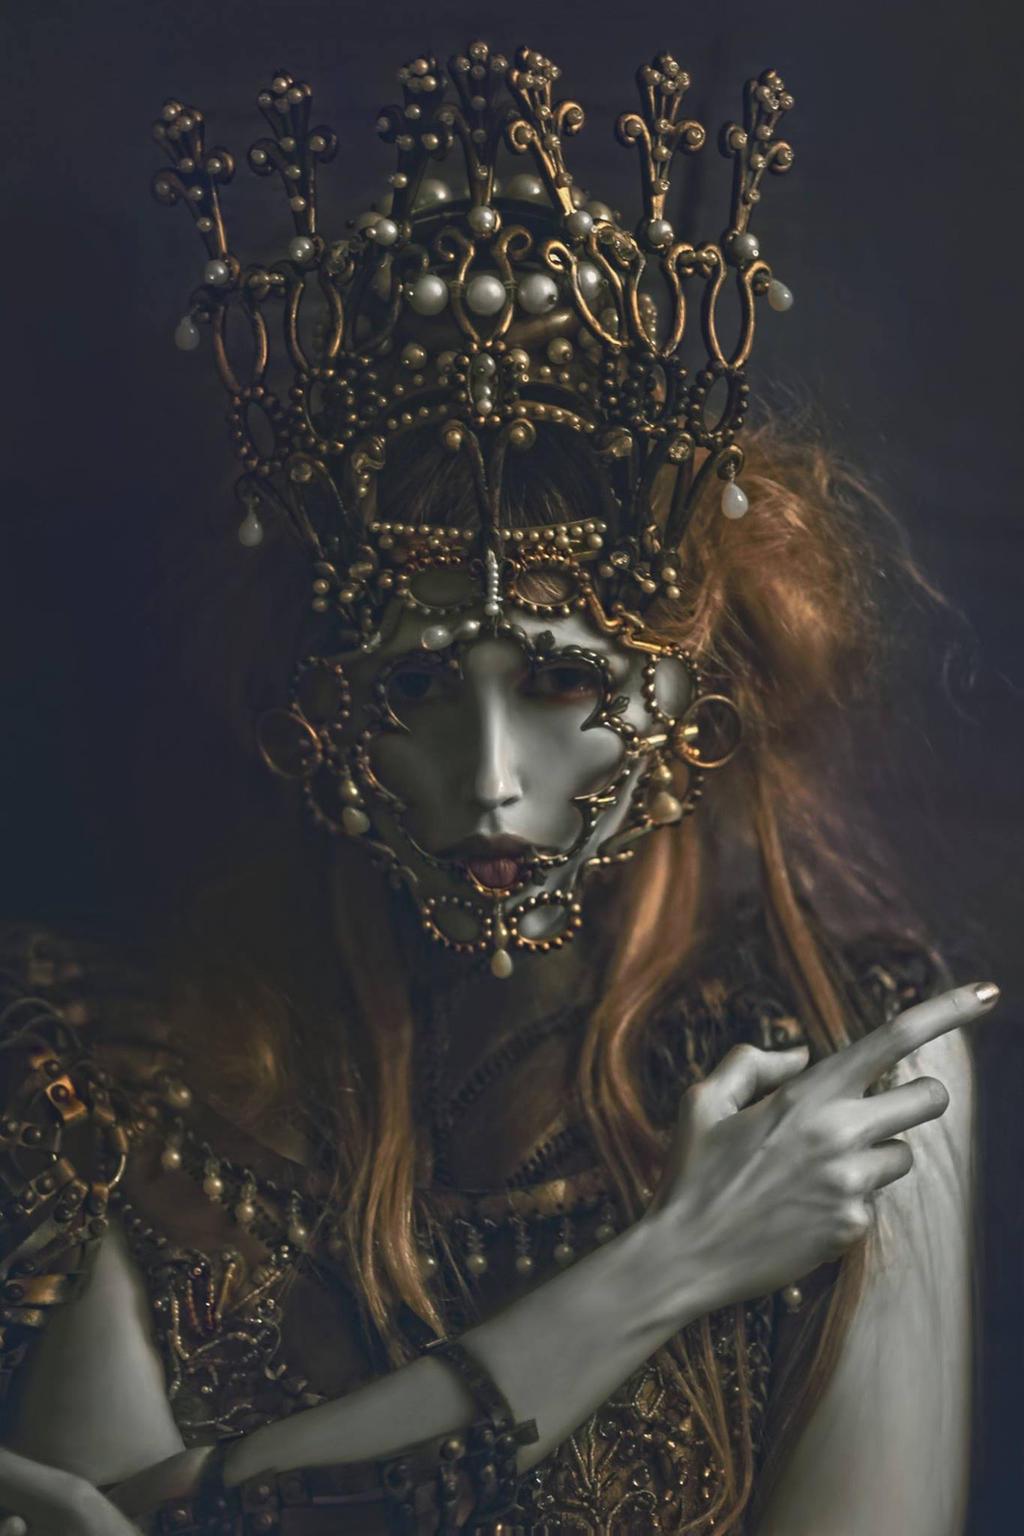 Her Darkness by AgnieszkaOsipa